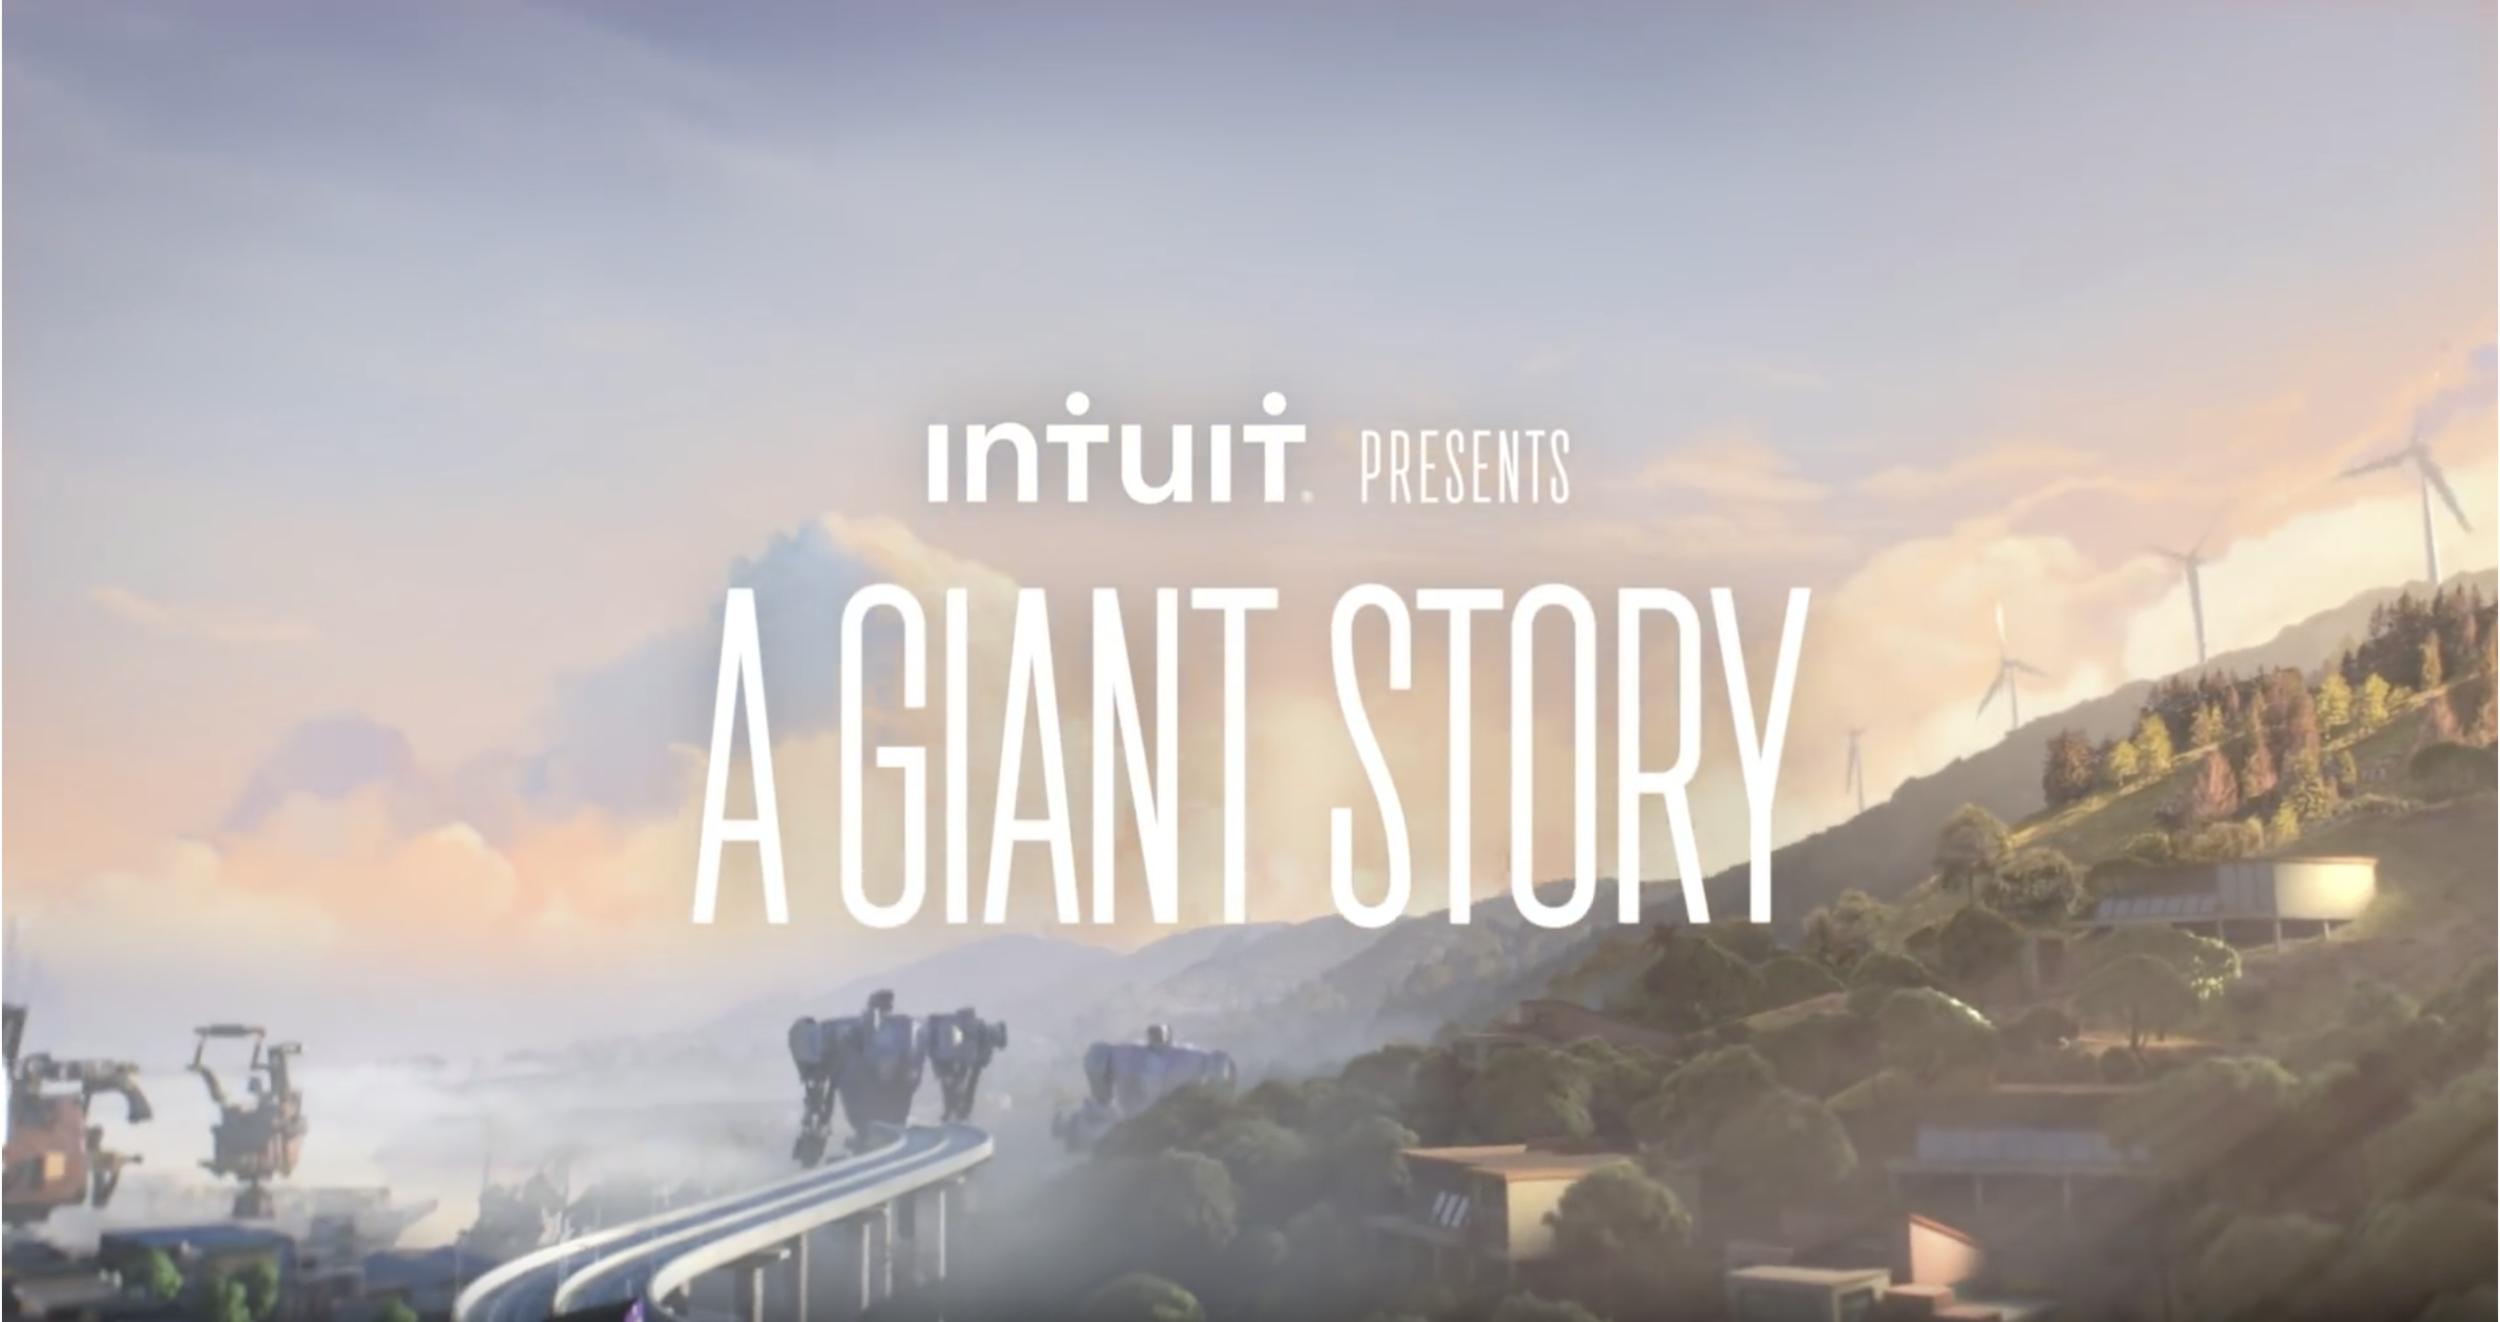 Kết quả hình ảnh cho intuit a giant story